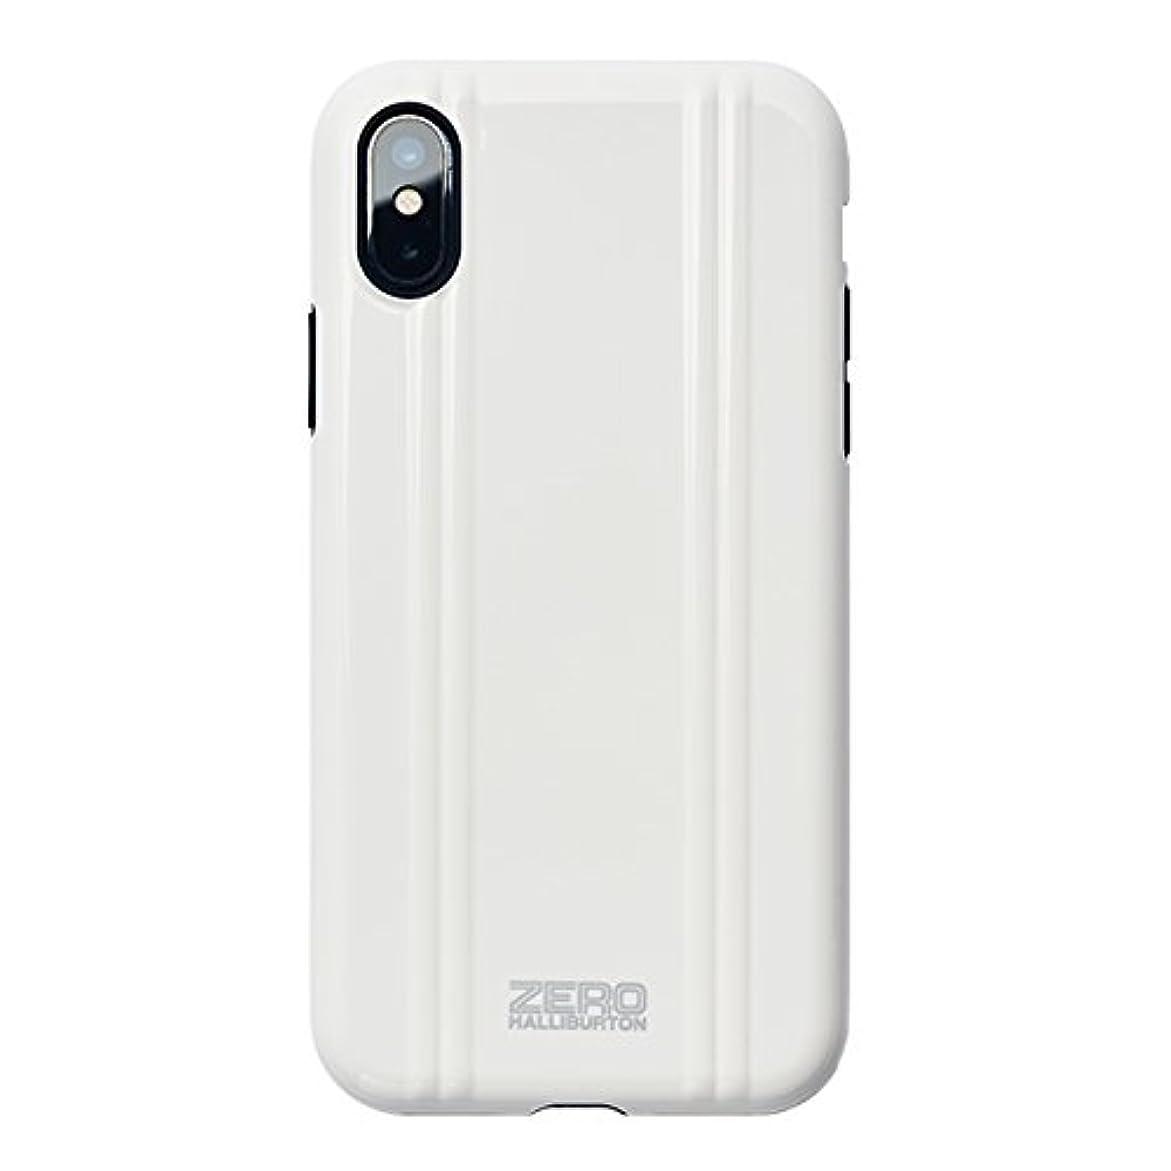 デッドロック間欠に負ける【iPhoneX専用ケース】ZERO HALLIBURTON(ゼロハリバートン) Hybrid Shockproof case for iPhone X スマホケース 米軍MIL規格取得 耐衝撃 (WHITE ホワイト)